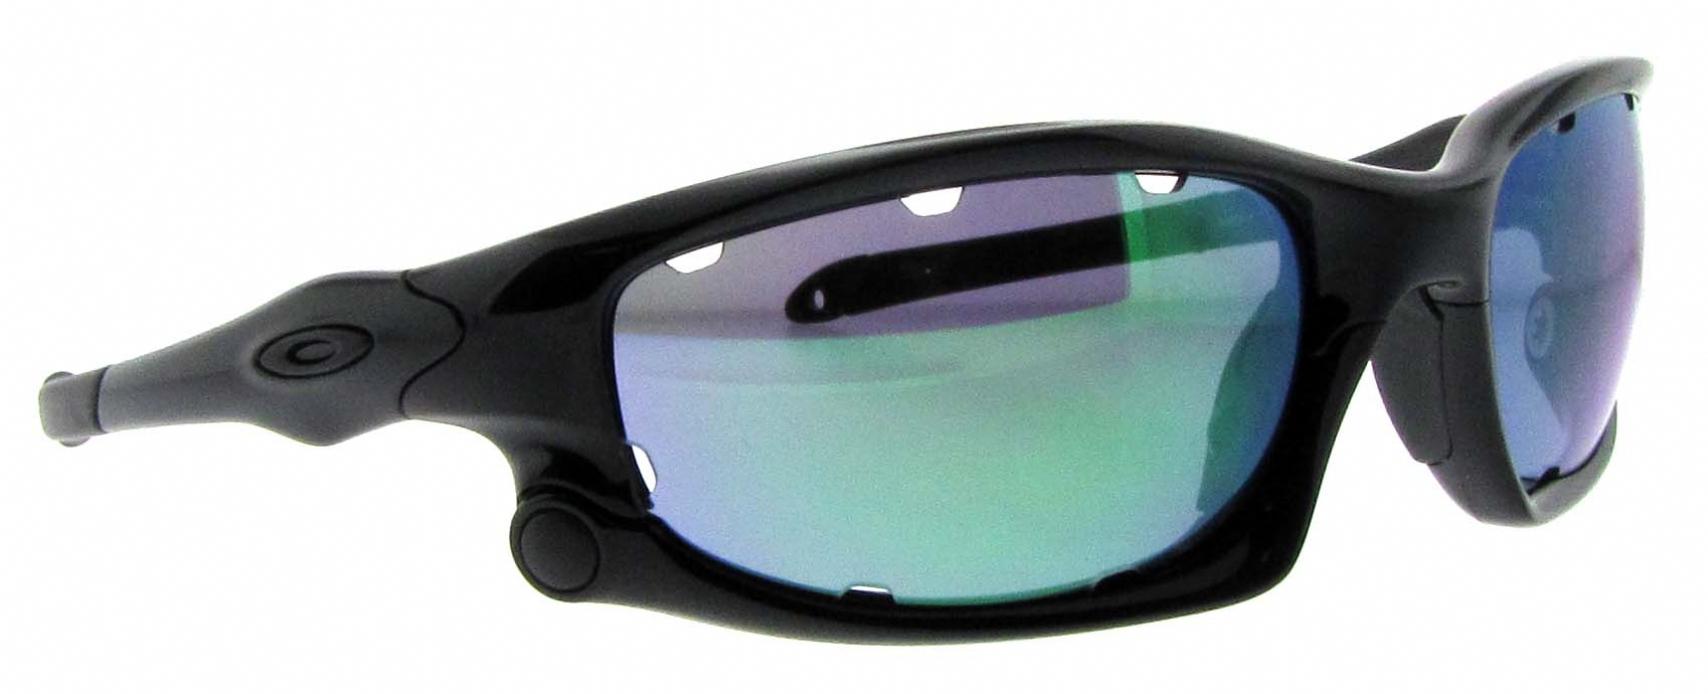 fast jacket oakley sunglasses 2yo6  fast jacket oakley sunglasses